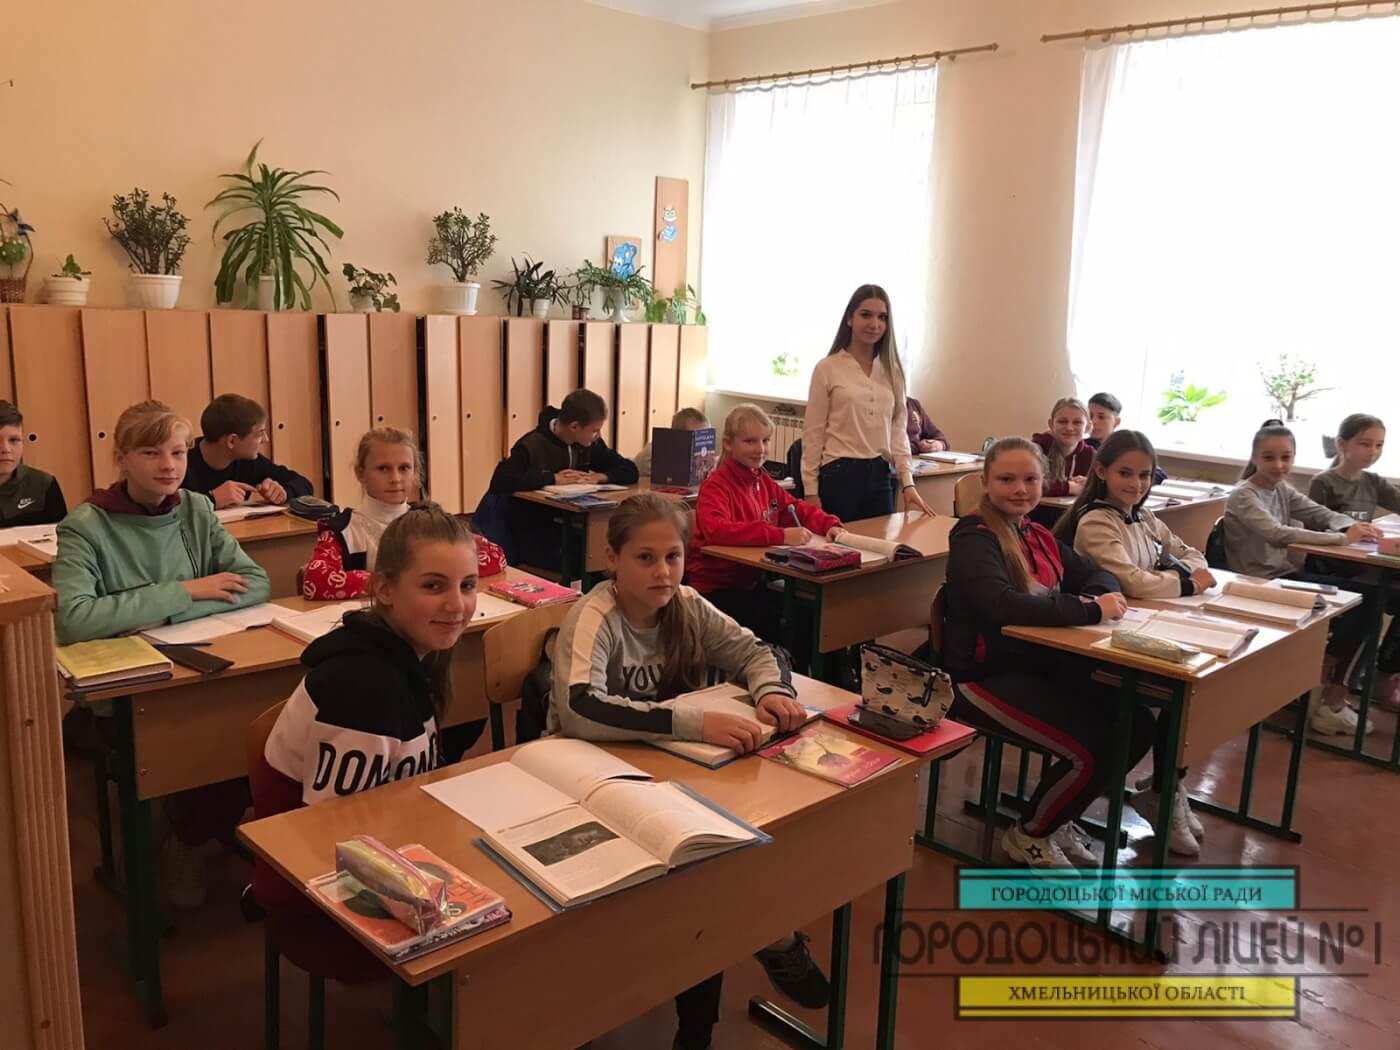 zobrazhennya viber 2019 10 16 12 21 10 - День учнівського самоврядування.